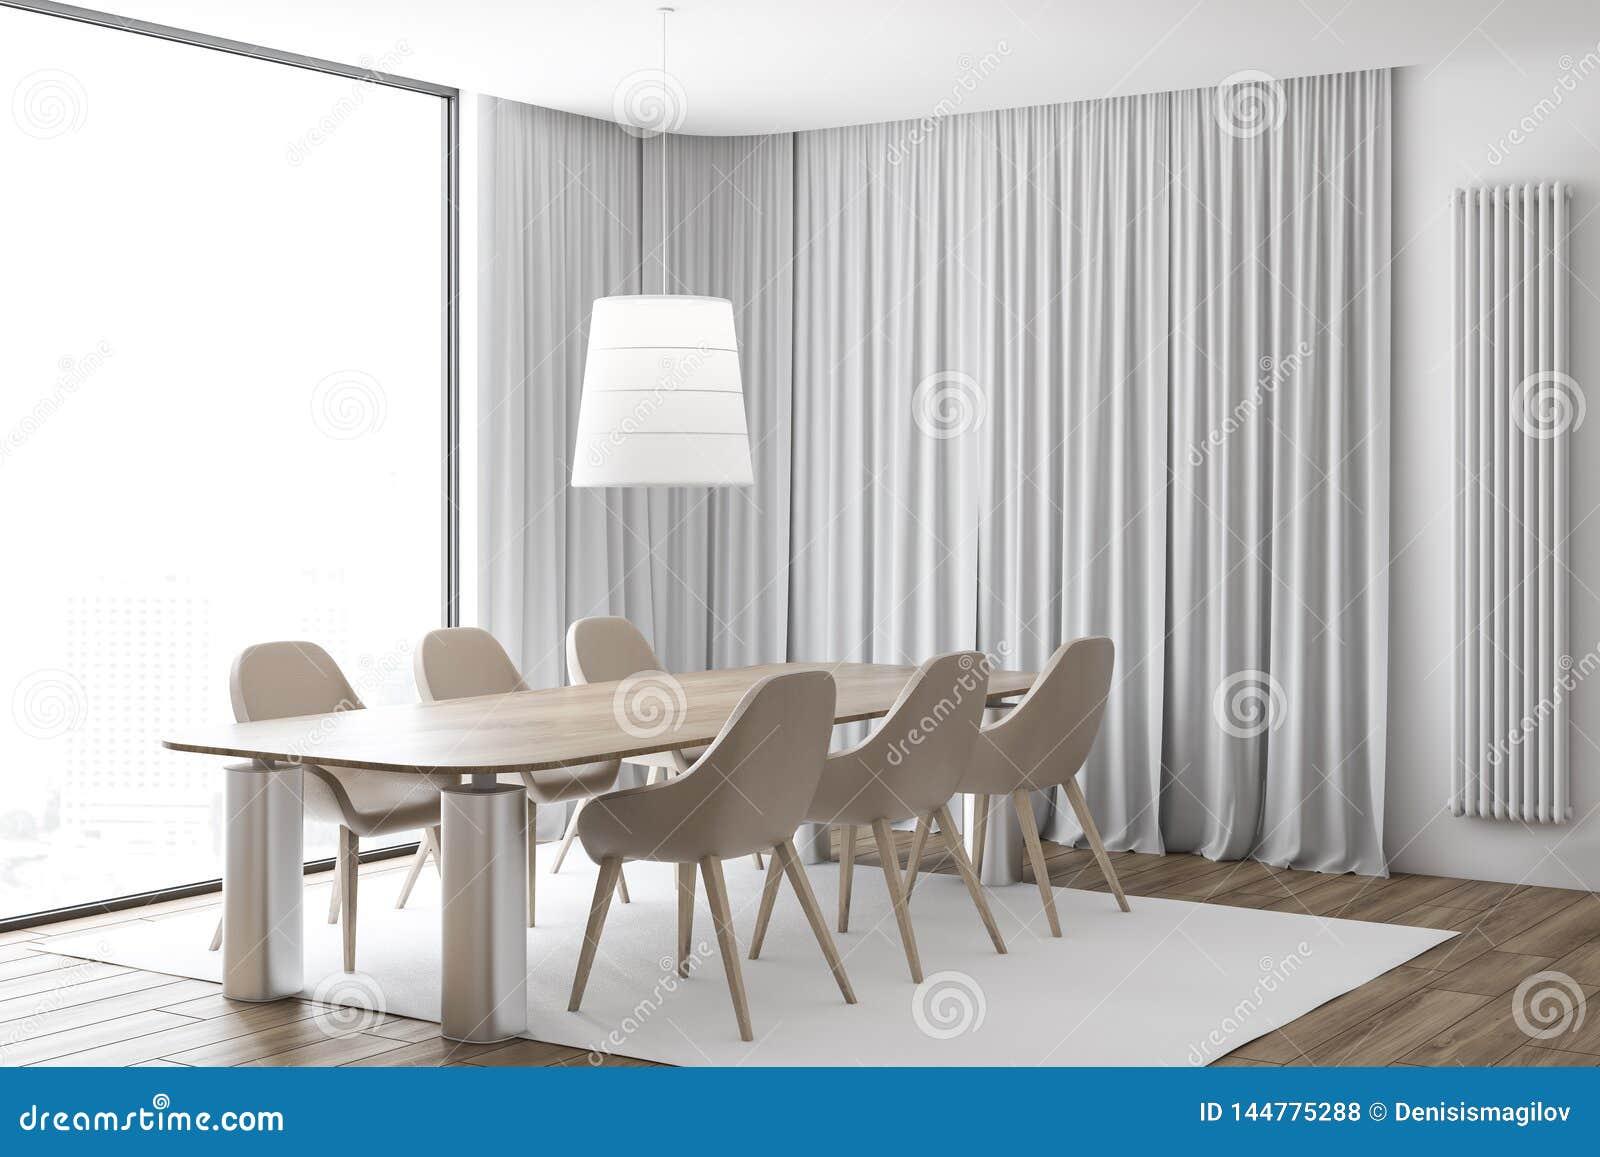 Rideau Pour Salle A Manger Moderne coin beige de salle ? manger de chaises photo stock - image